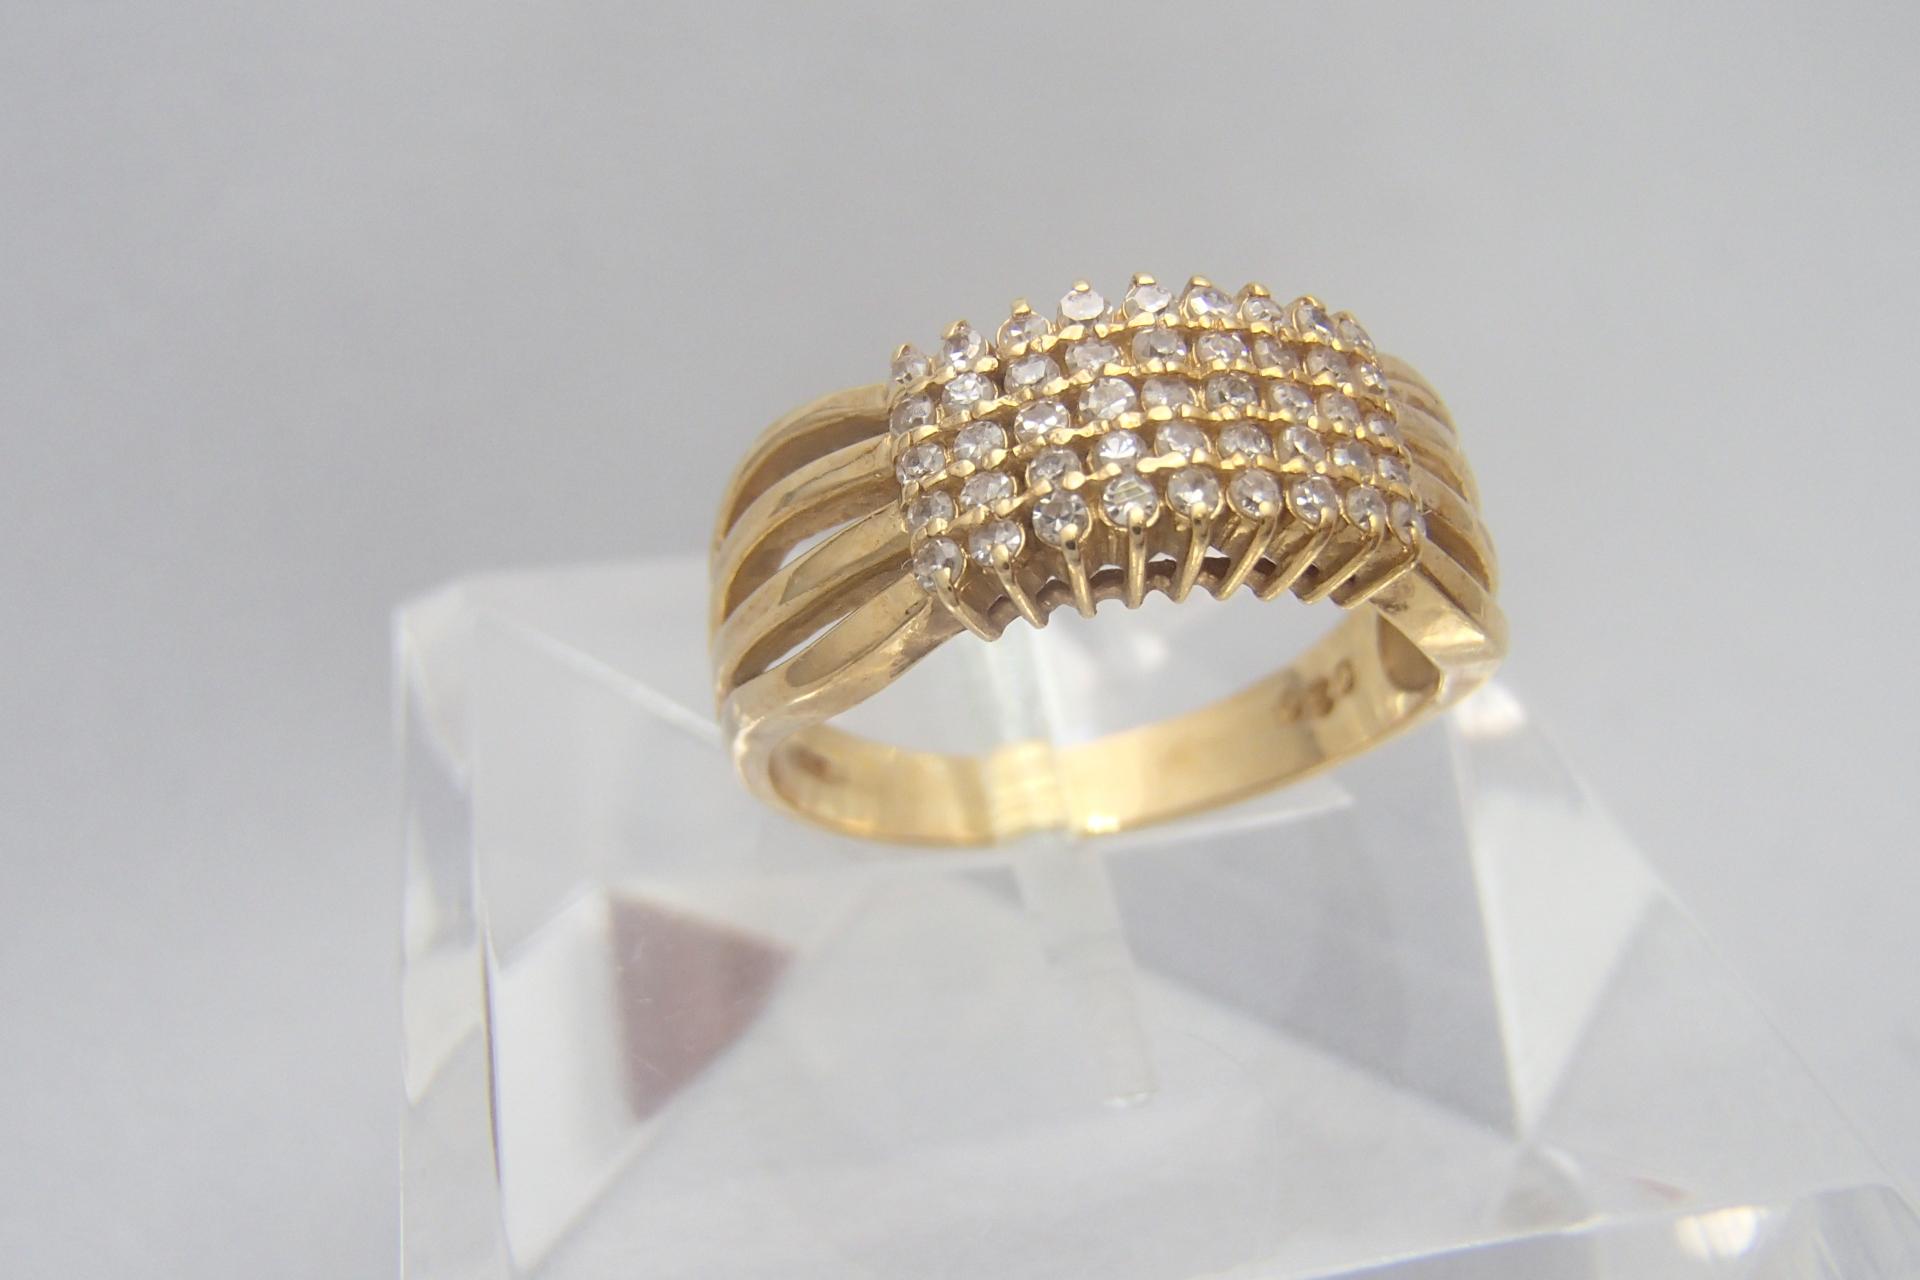 一生に一度だからこだわりたい!結婚指輪にこそダイヤモンドを。